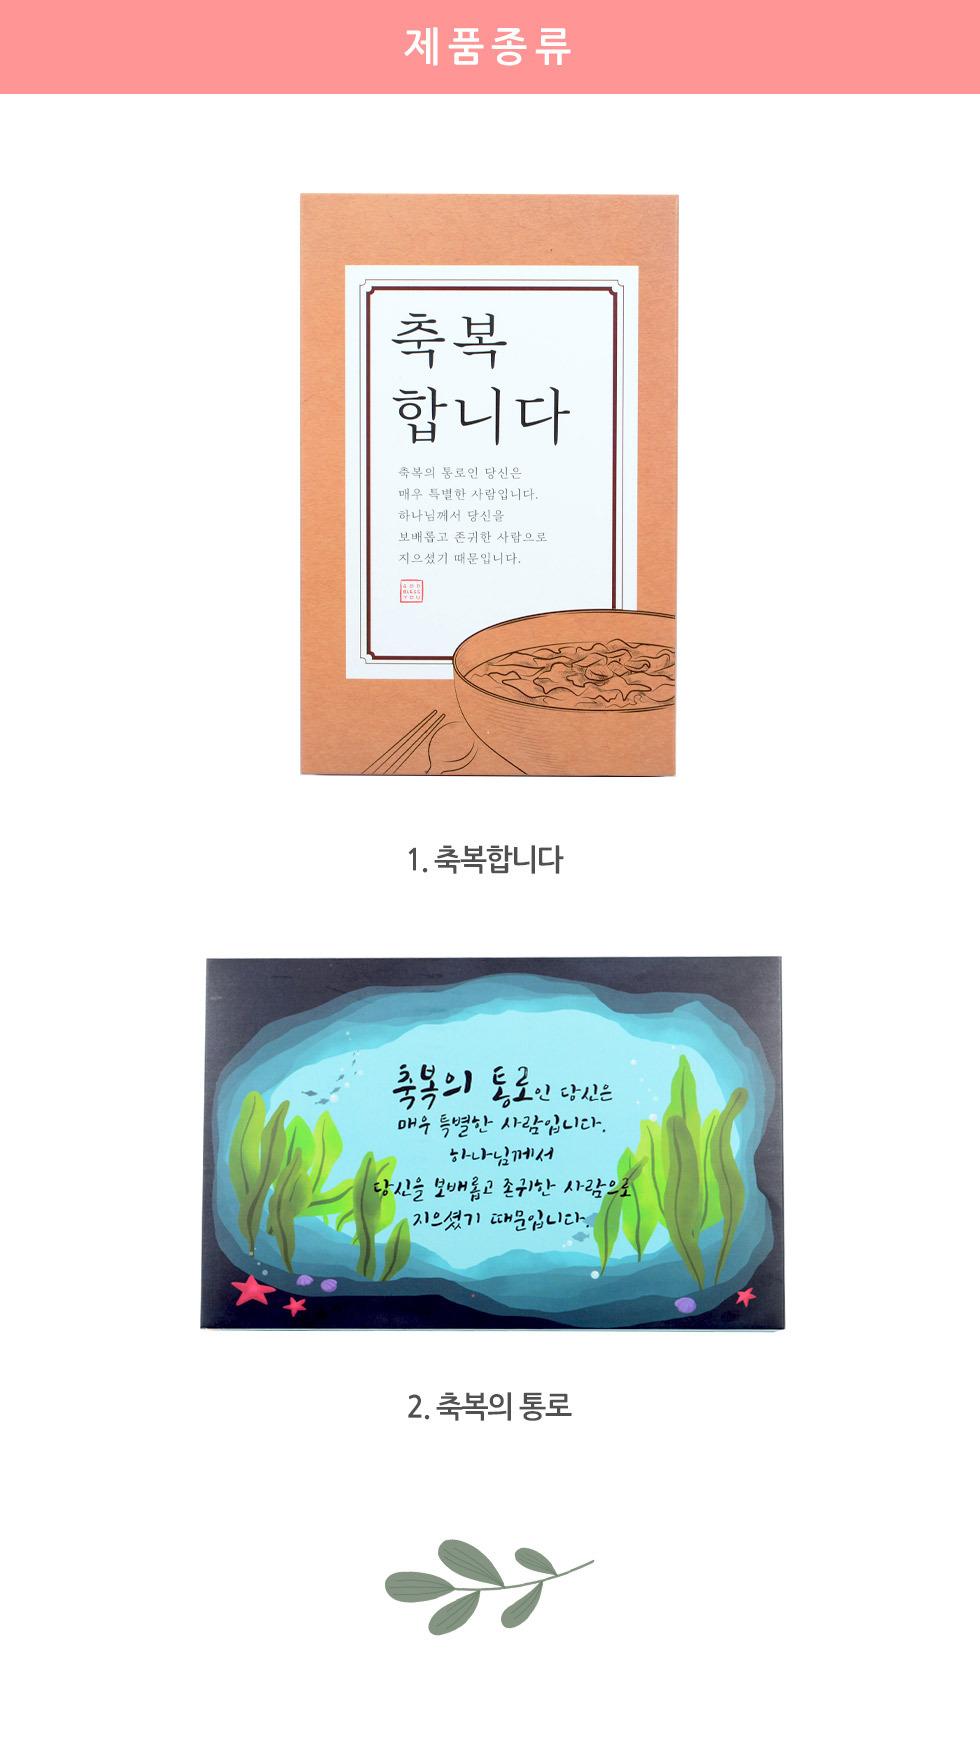 축복미역 - 제품종류